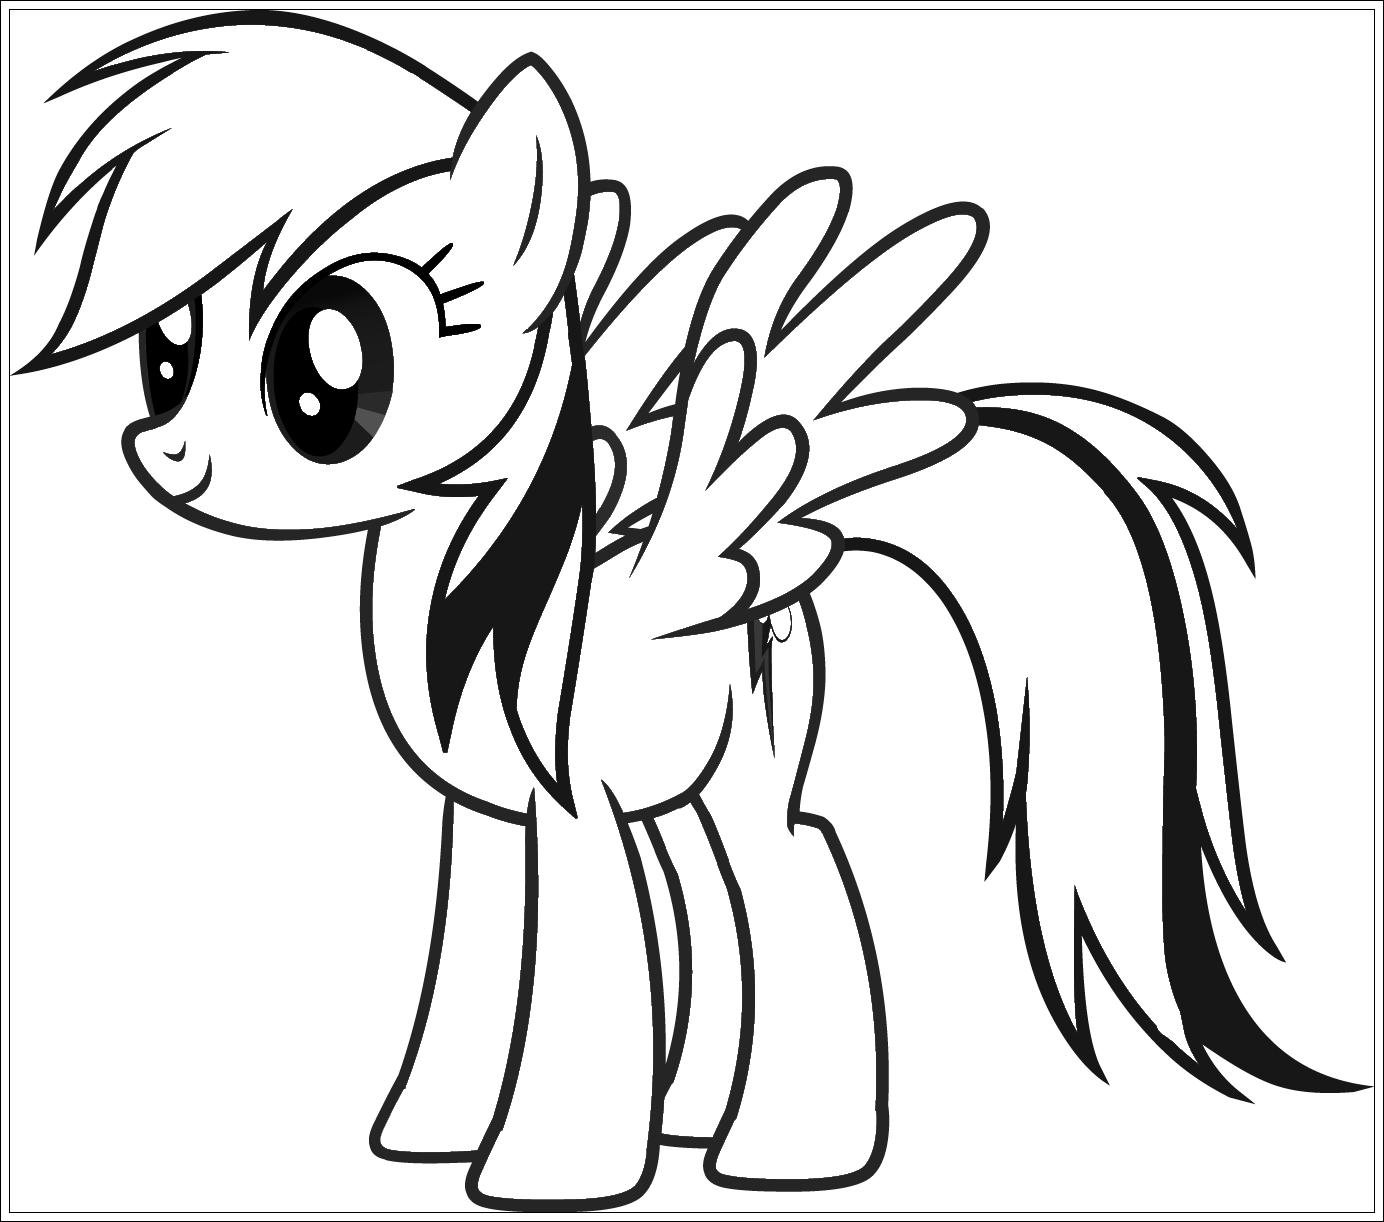 Atemberaubend Malvorlagen Kleines Pony Fotos Malvorlagen Von